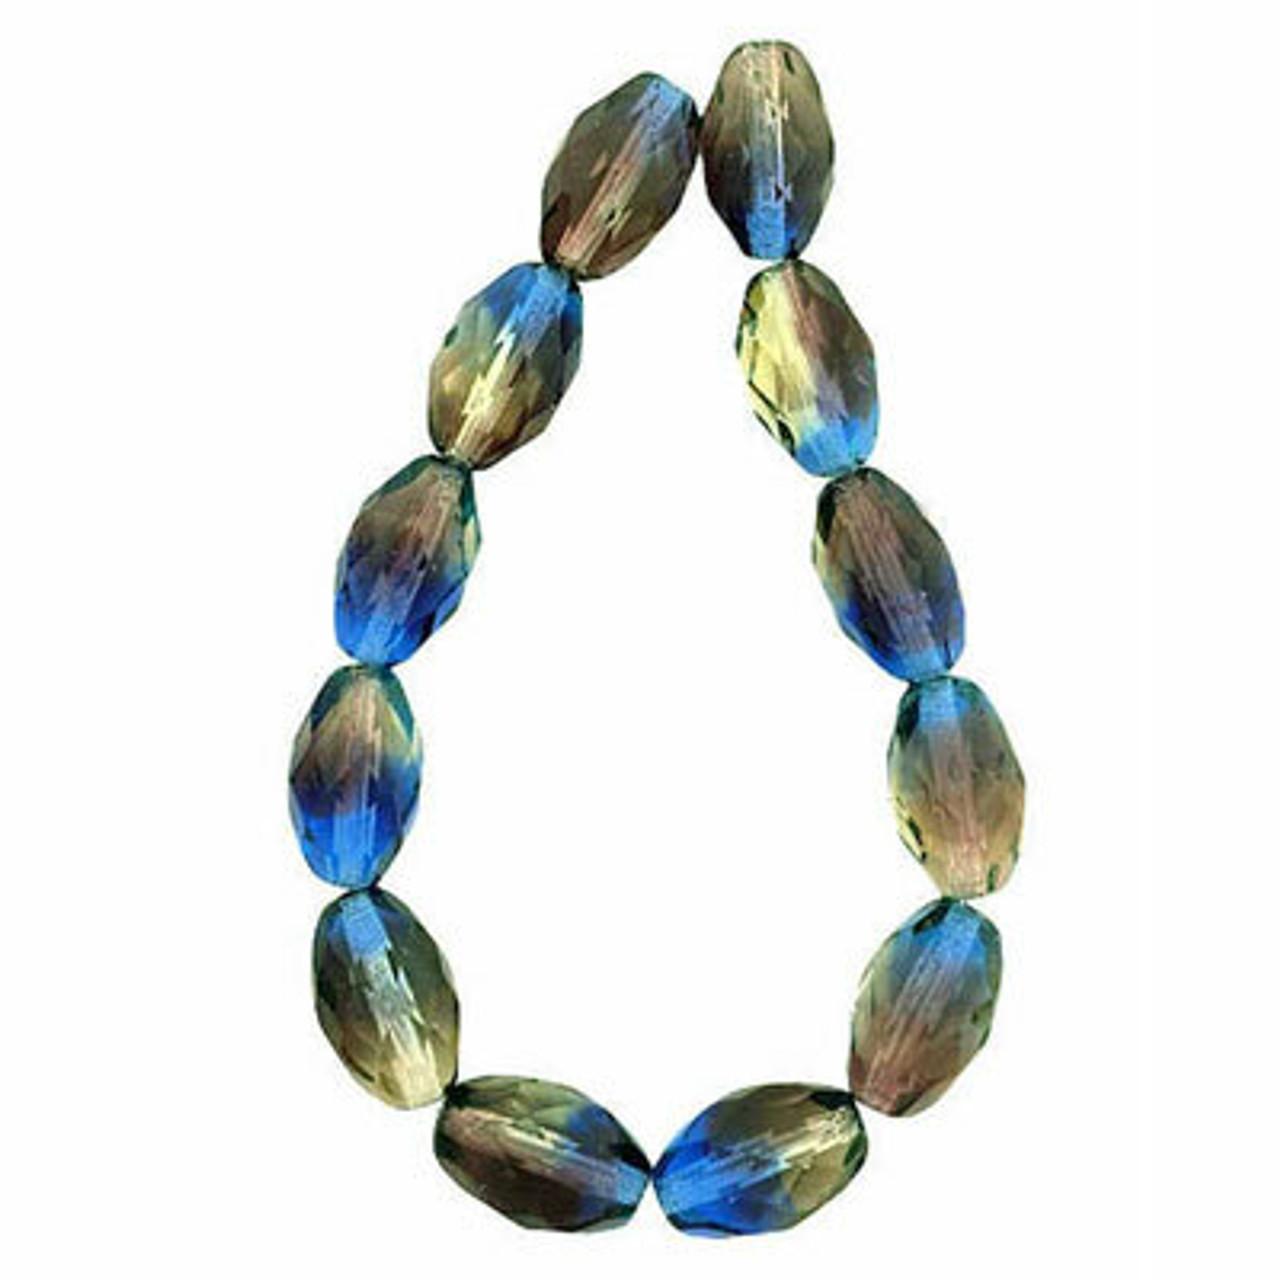 Oval Fire Polished Beads